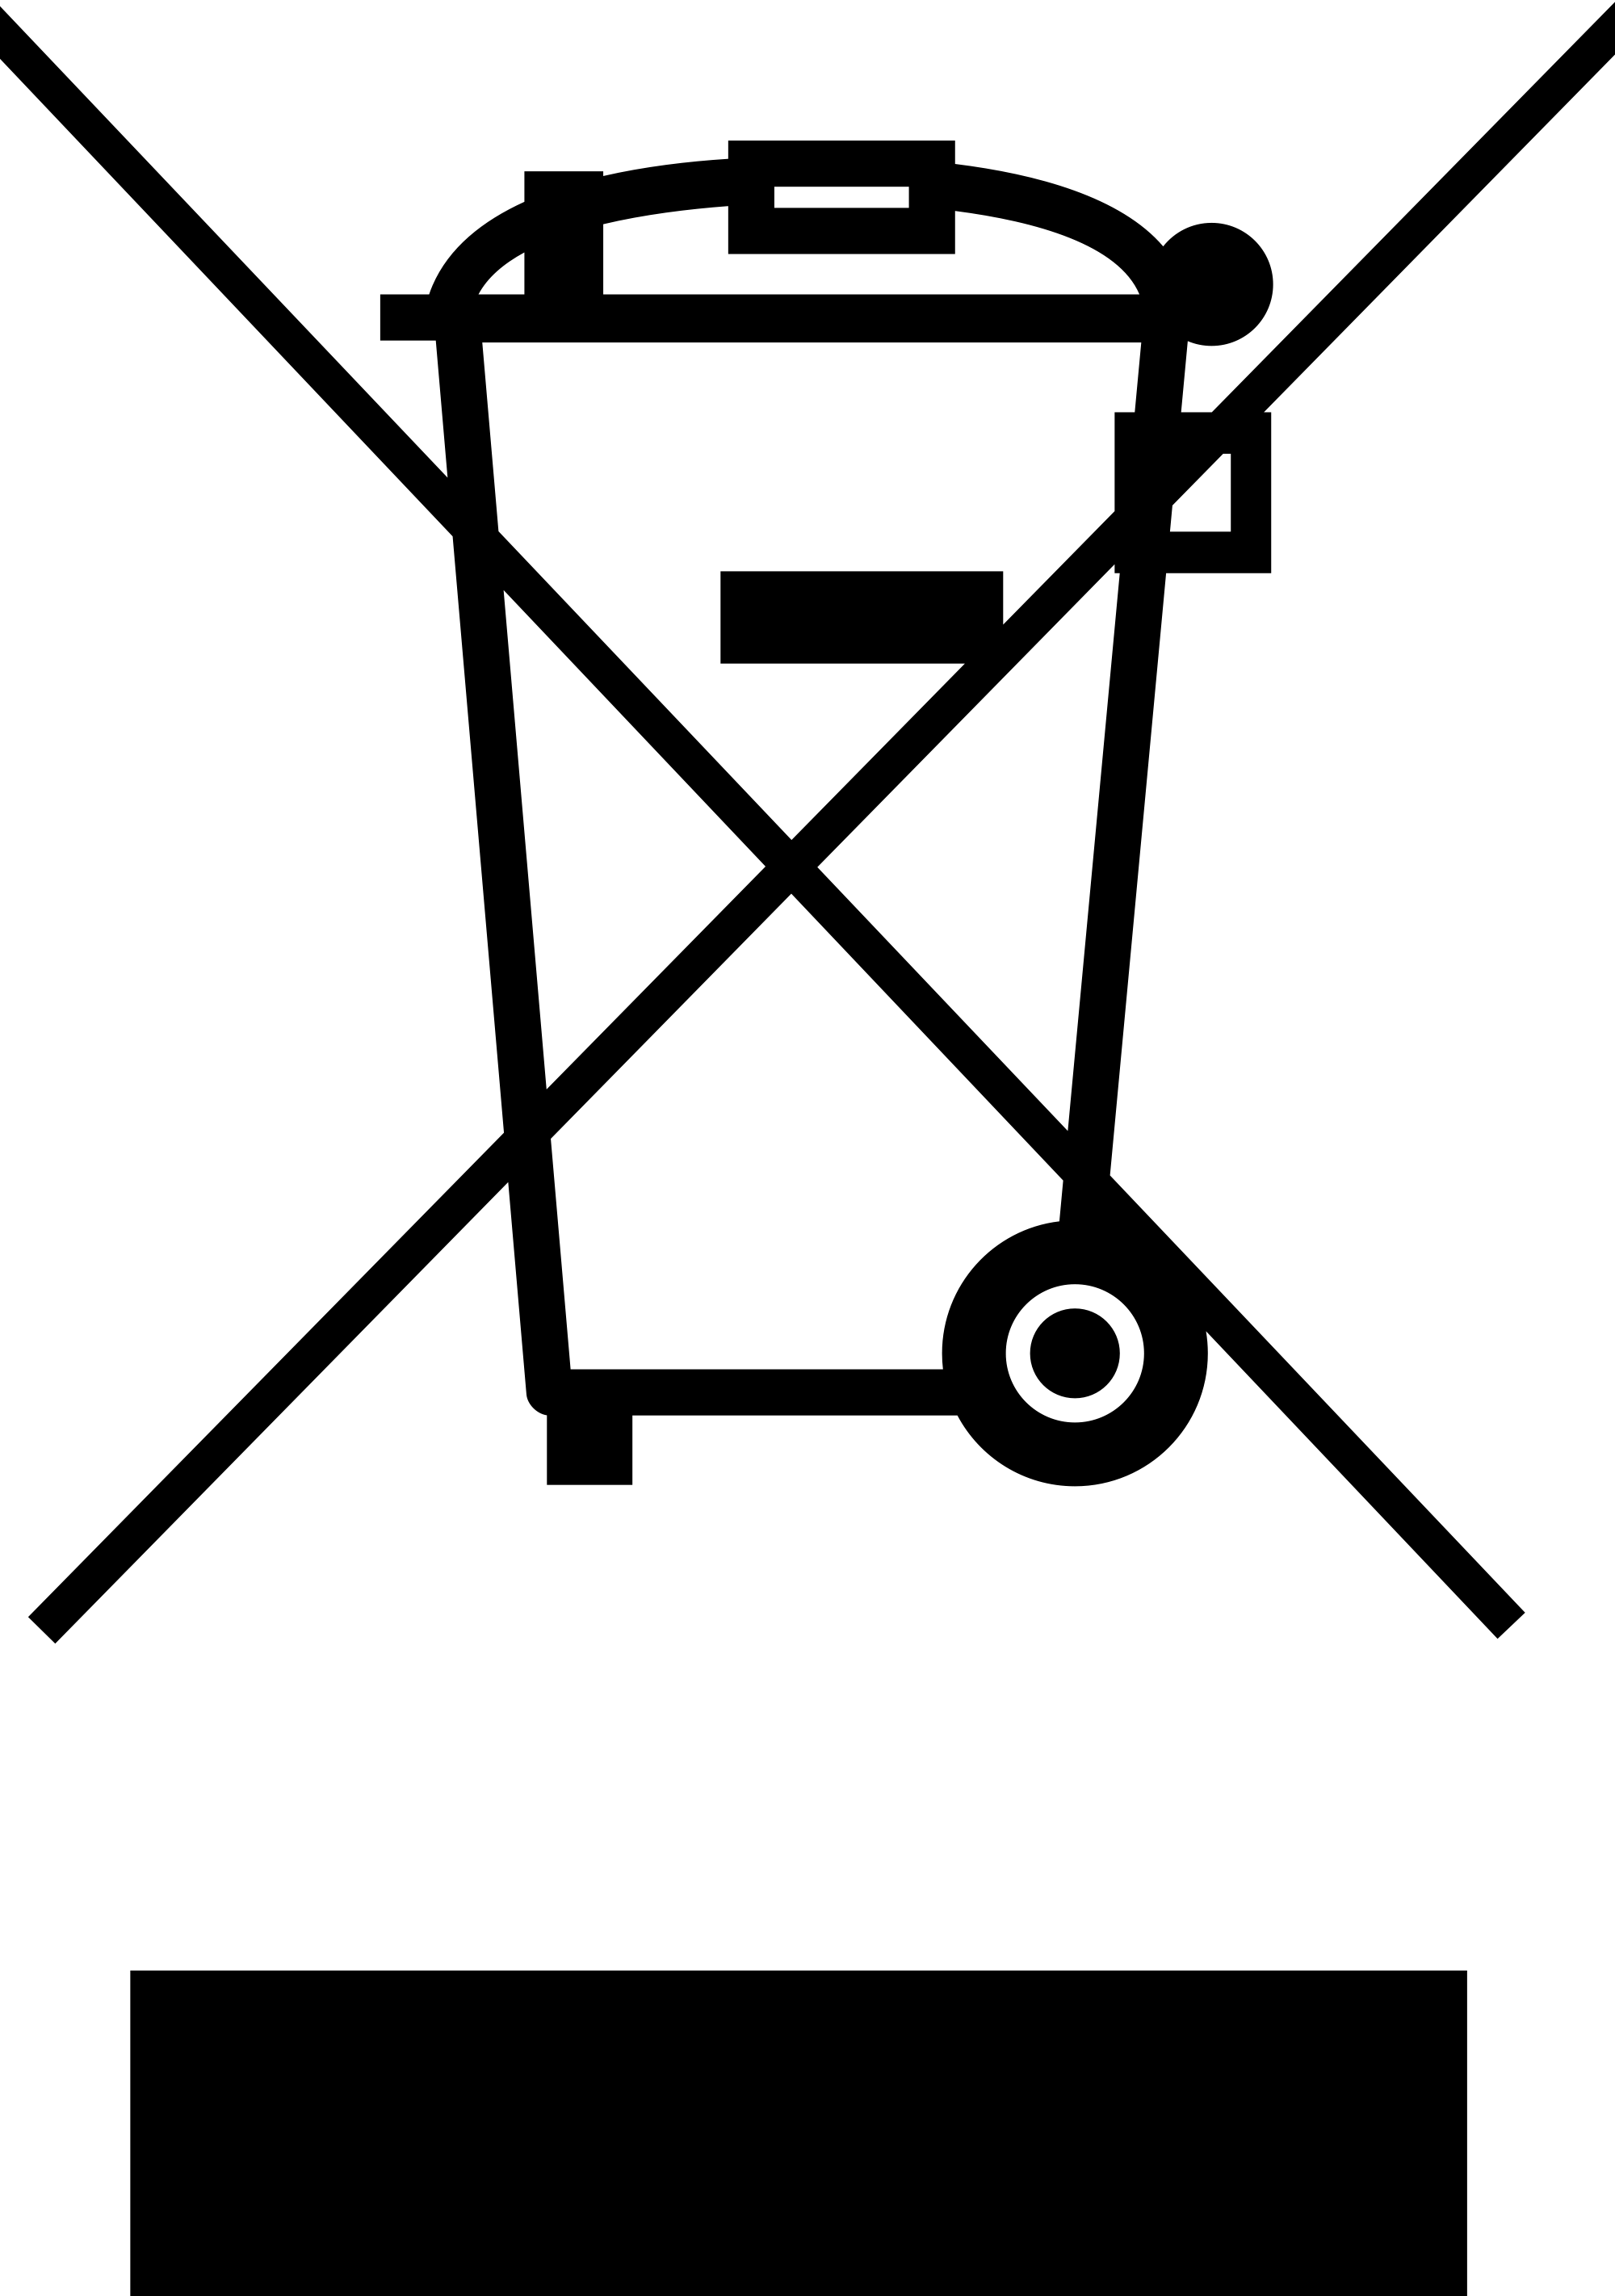 2000px-WEEE_symbol_vectors.svg